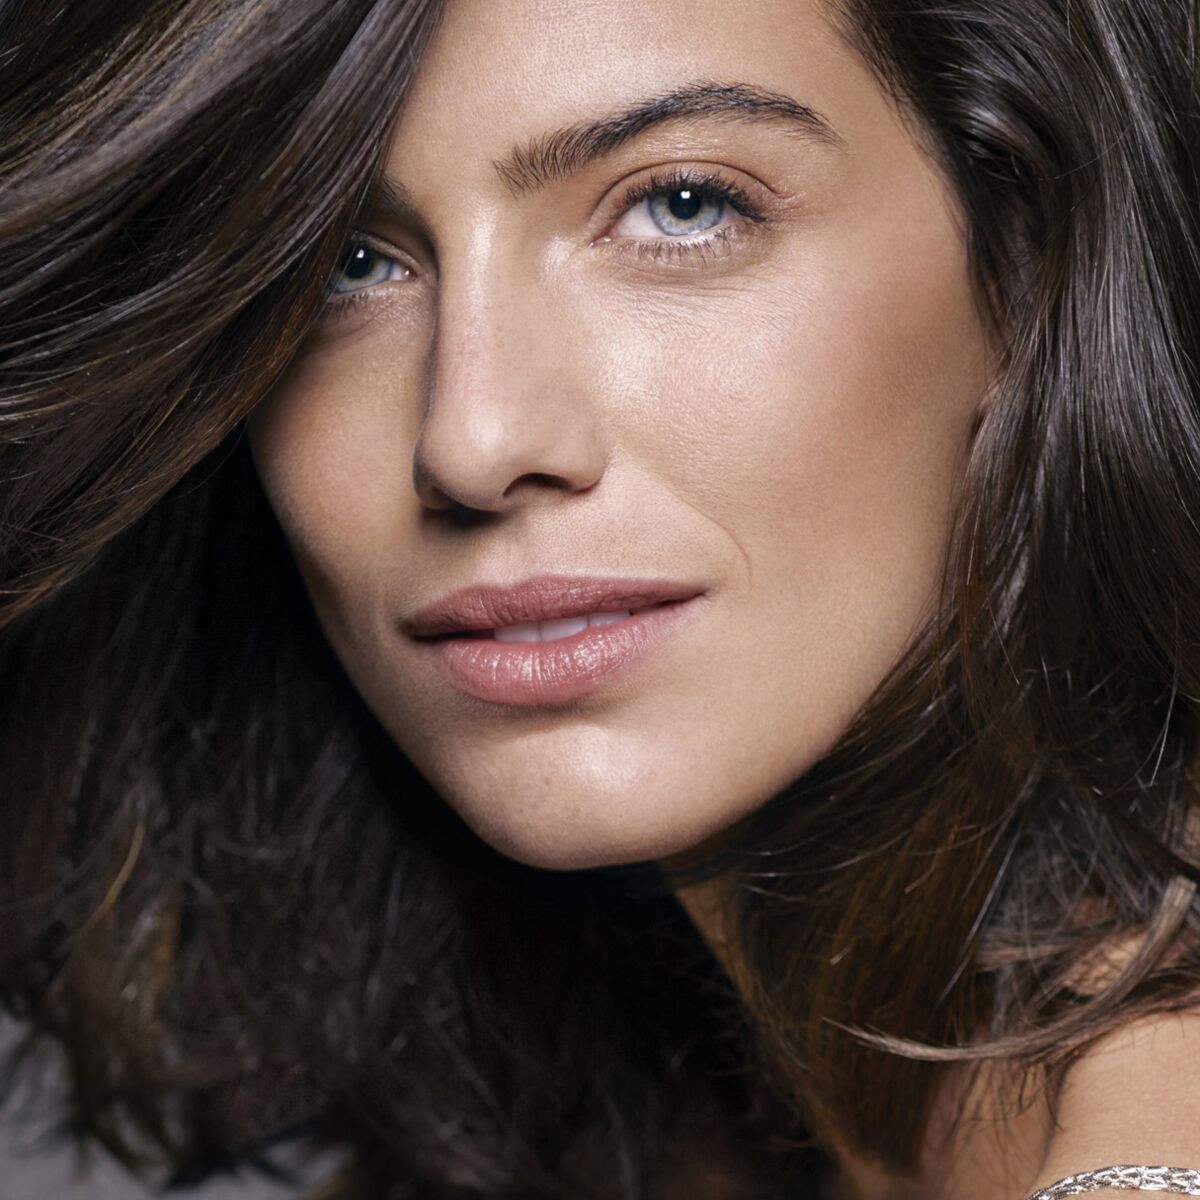 Carre Long Brune Les Plus Belles Coupes De Cheveux A Adopter Femme Actuelle Le Mag